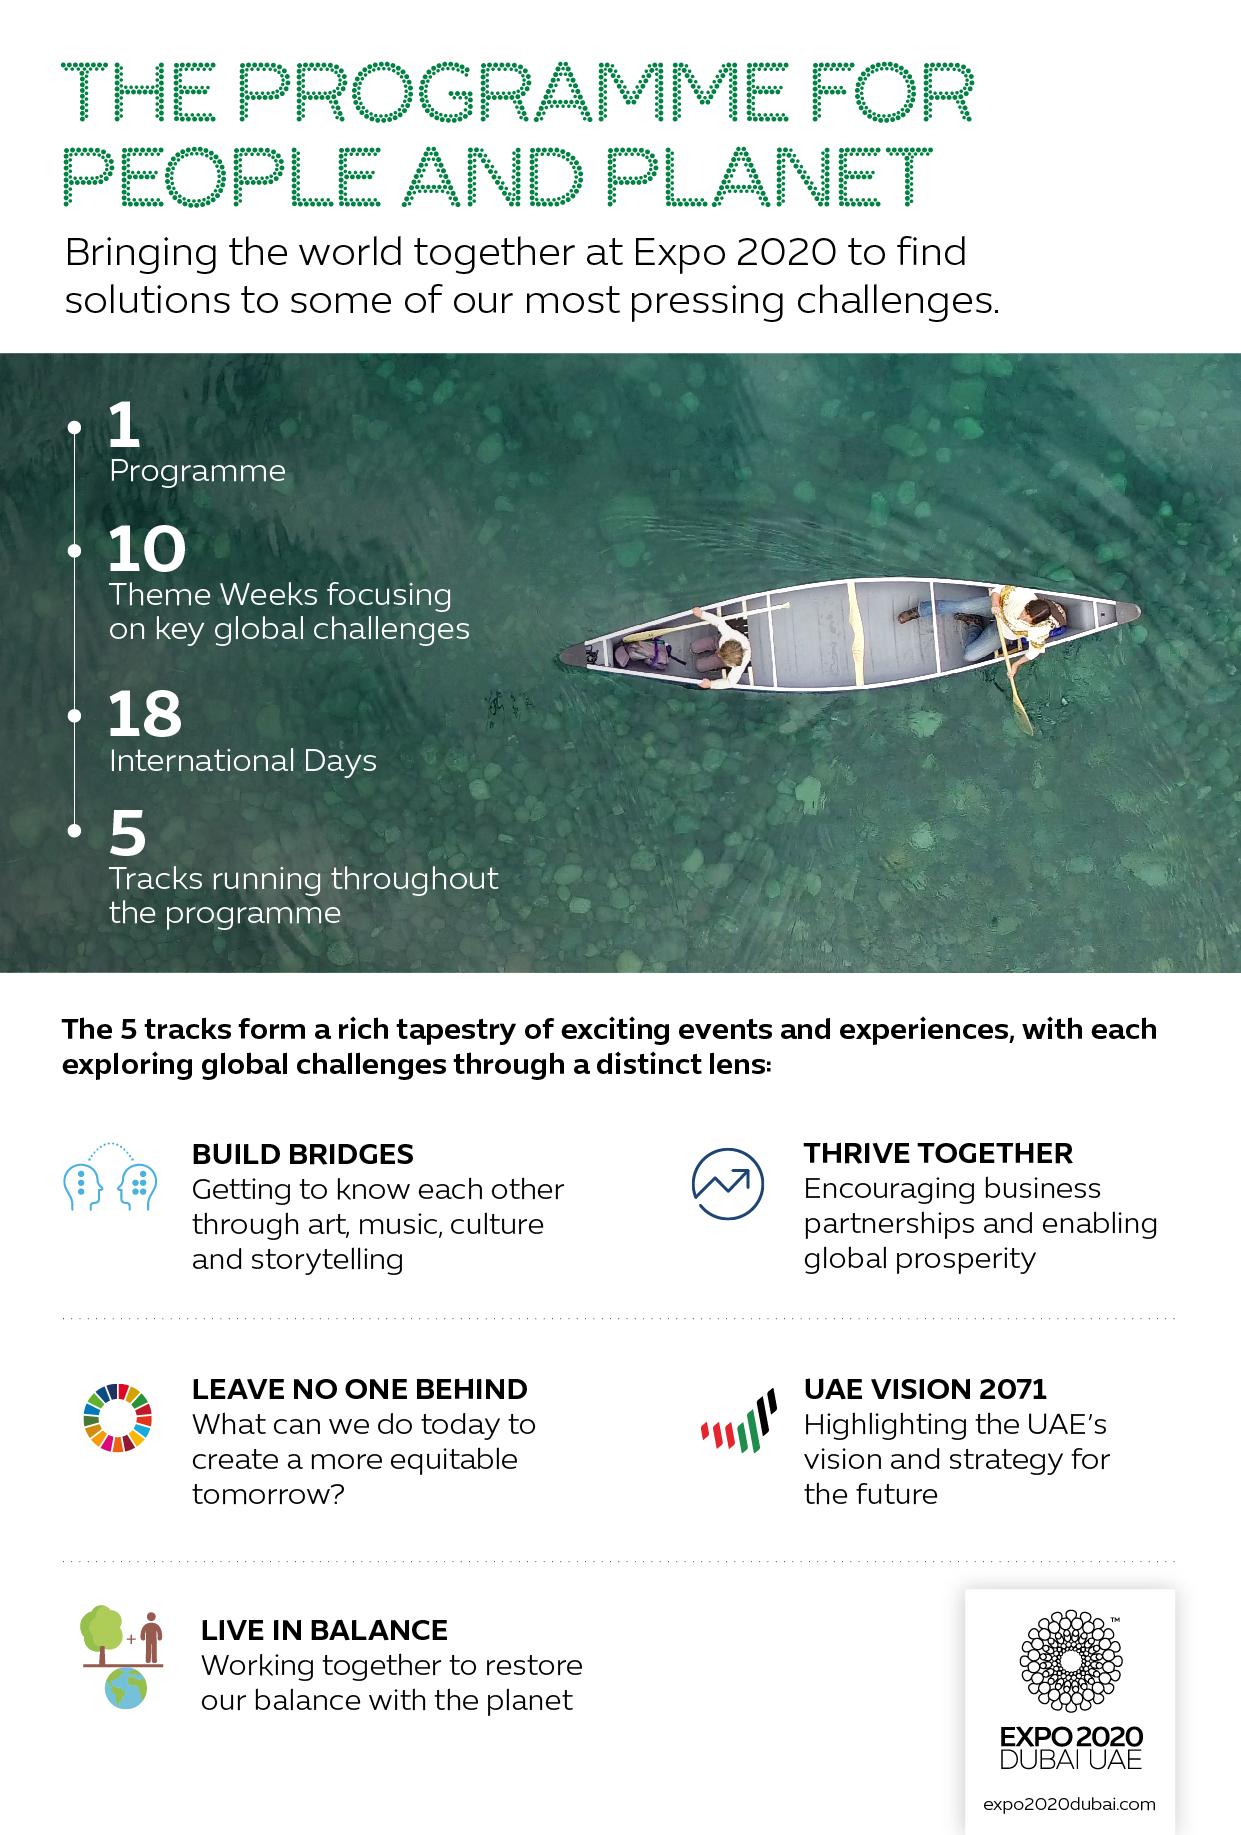 2020 迪拜世博会公布人类与地球计划 期待团结全球社会成为变革推动者